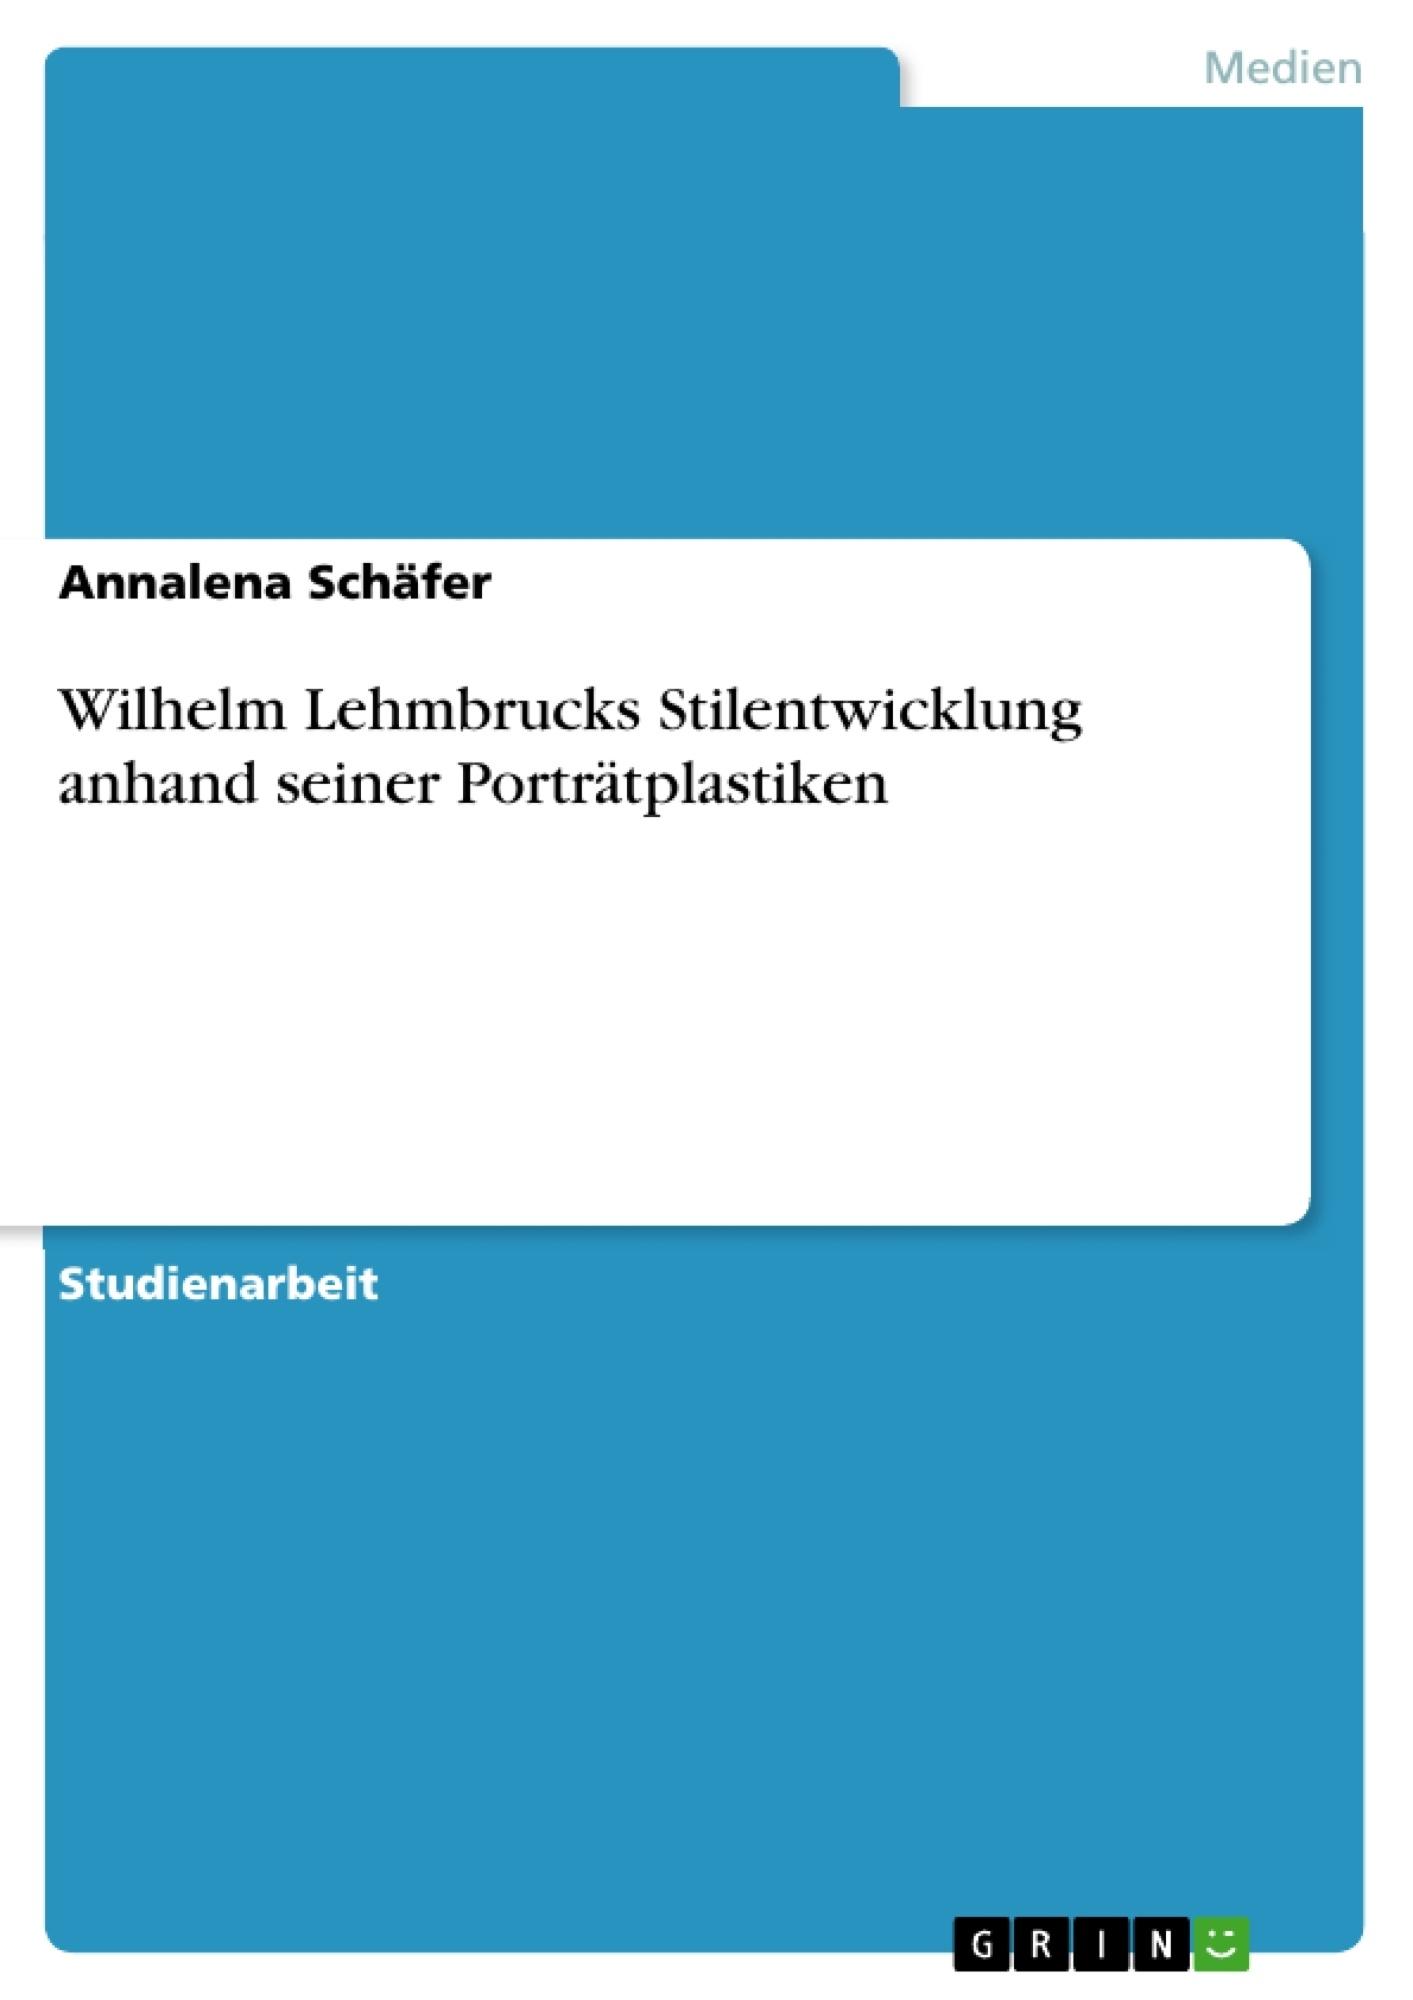 Titel: Wilhelm Lehmbrucks Stilentwicklung anhand seiner Porträtplastiken